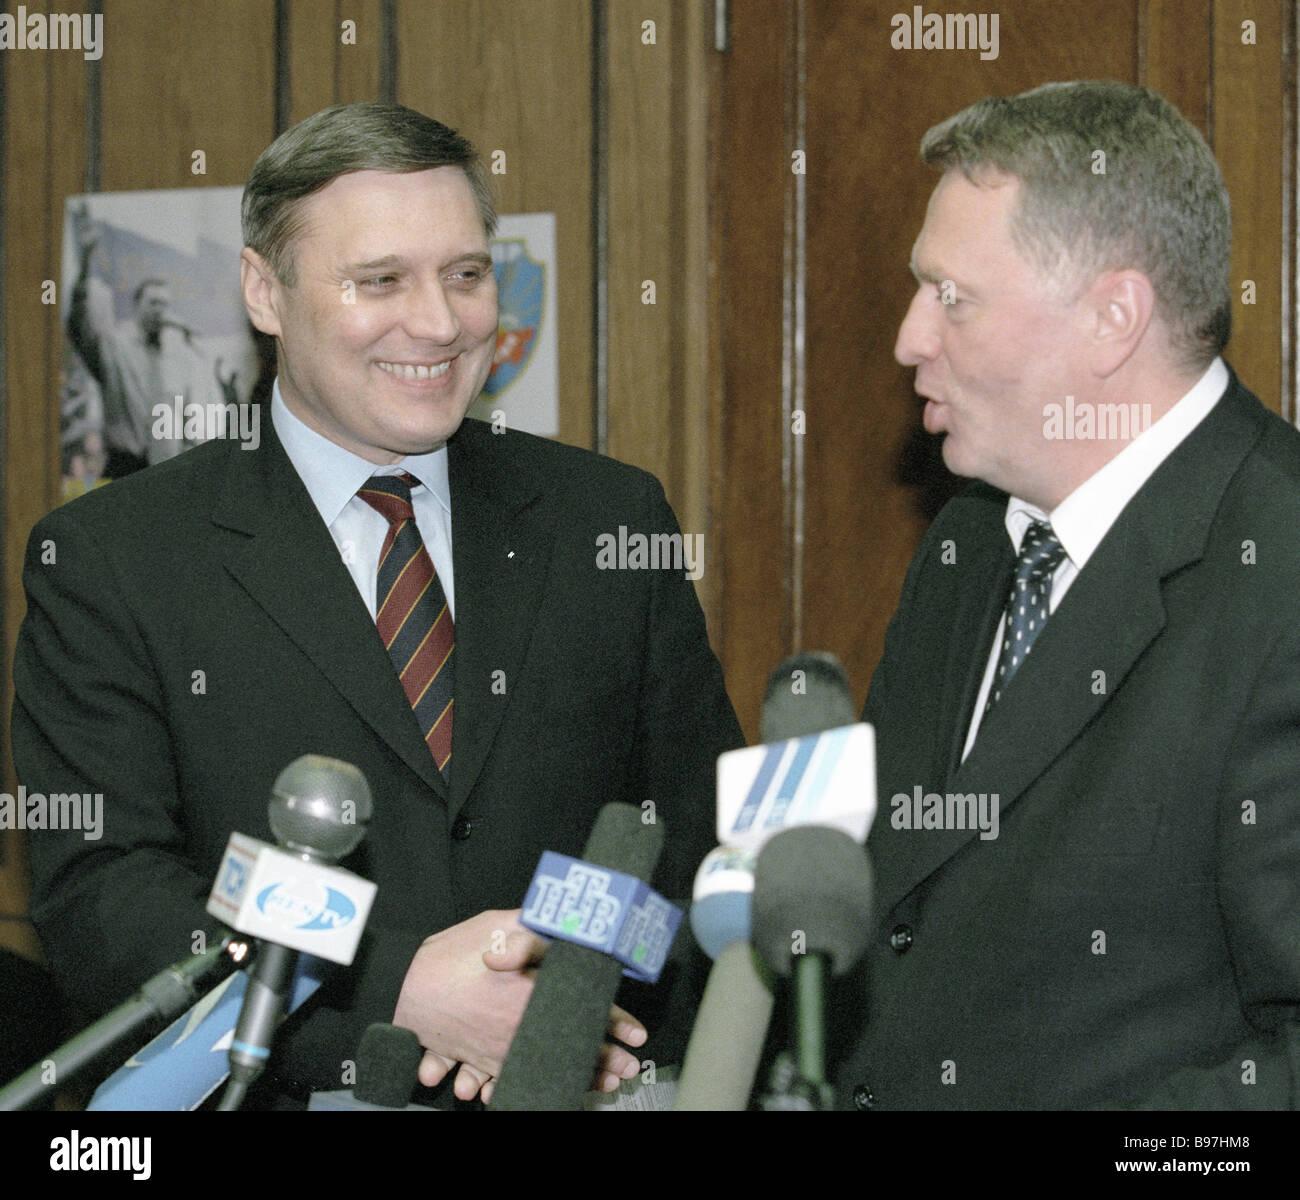 Acting Prime Minister Mikhail Kasyanov left and Duma Vice Speaker Vladimir Zhirinovsky right facing reporters - Stock Image